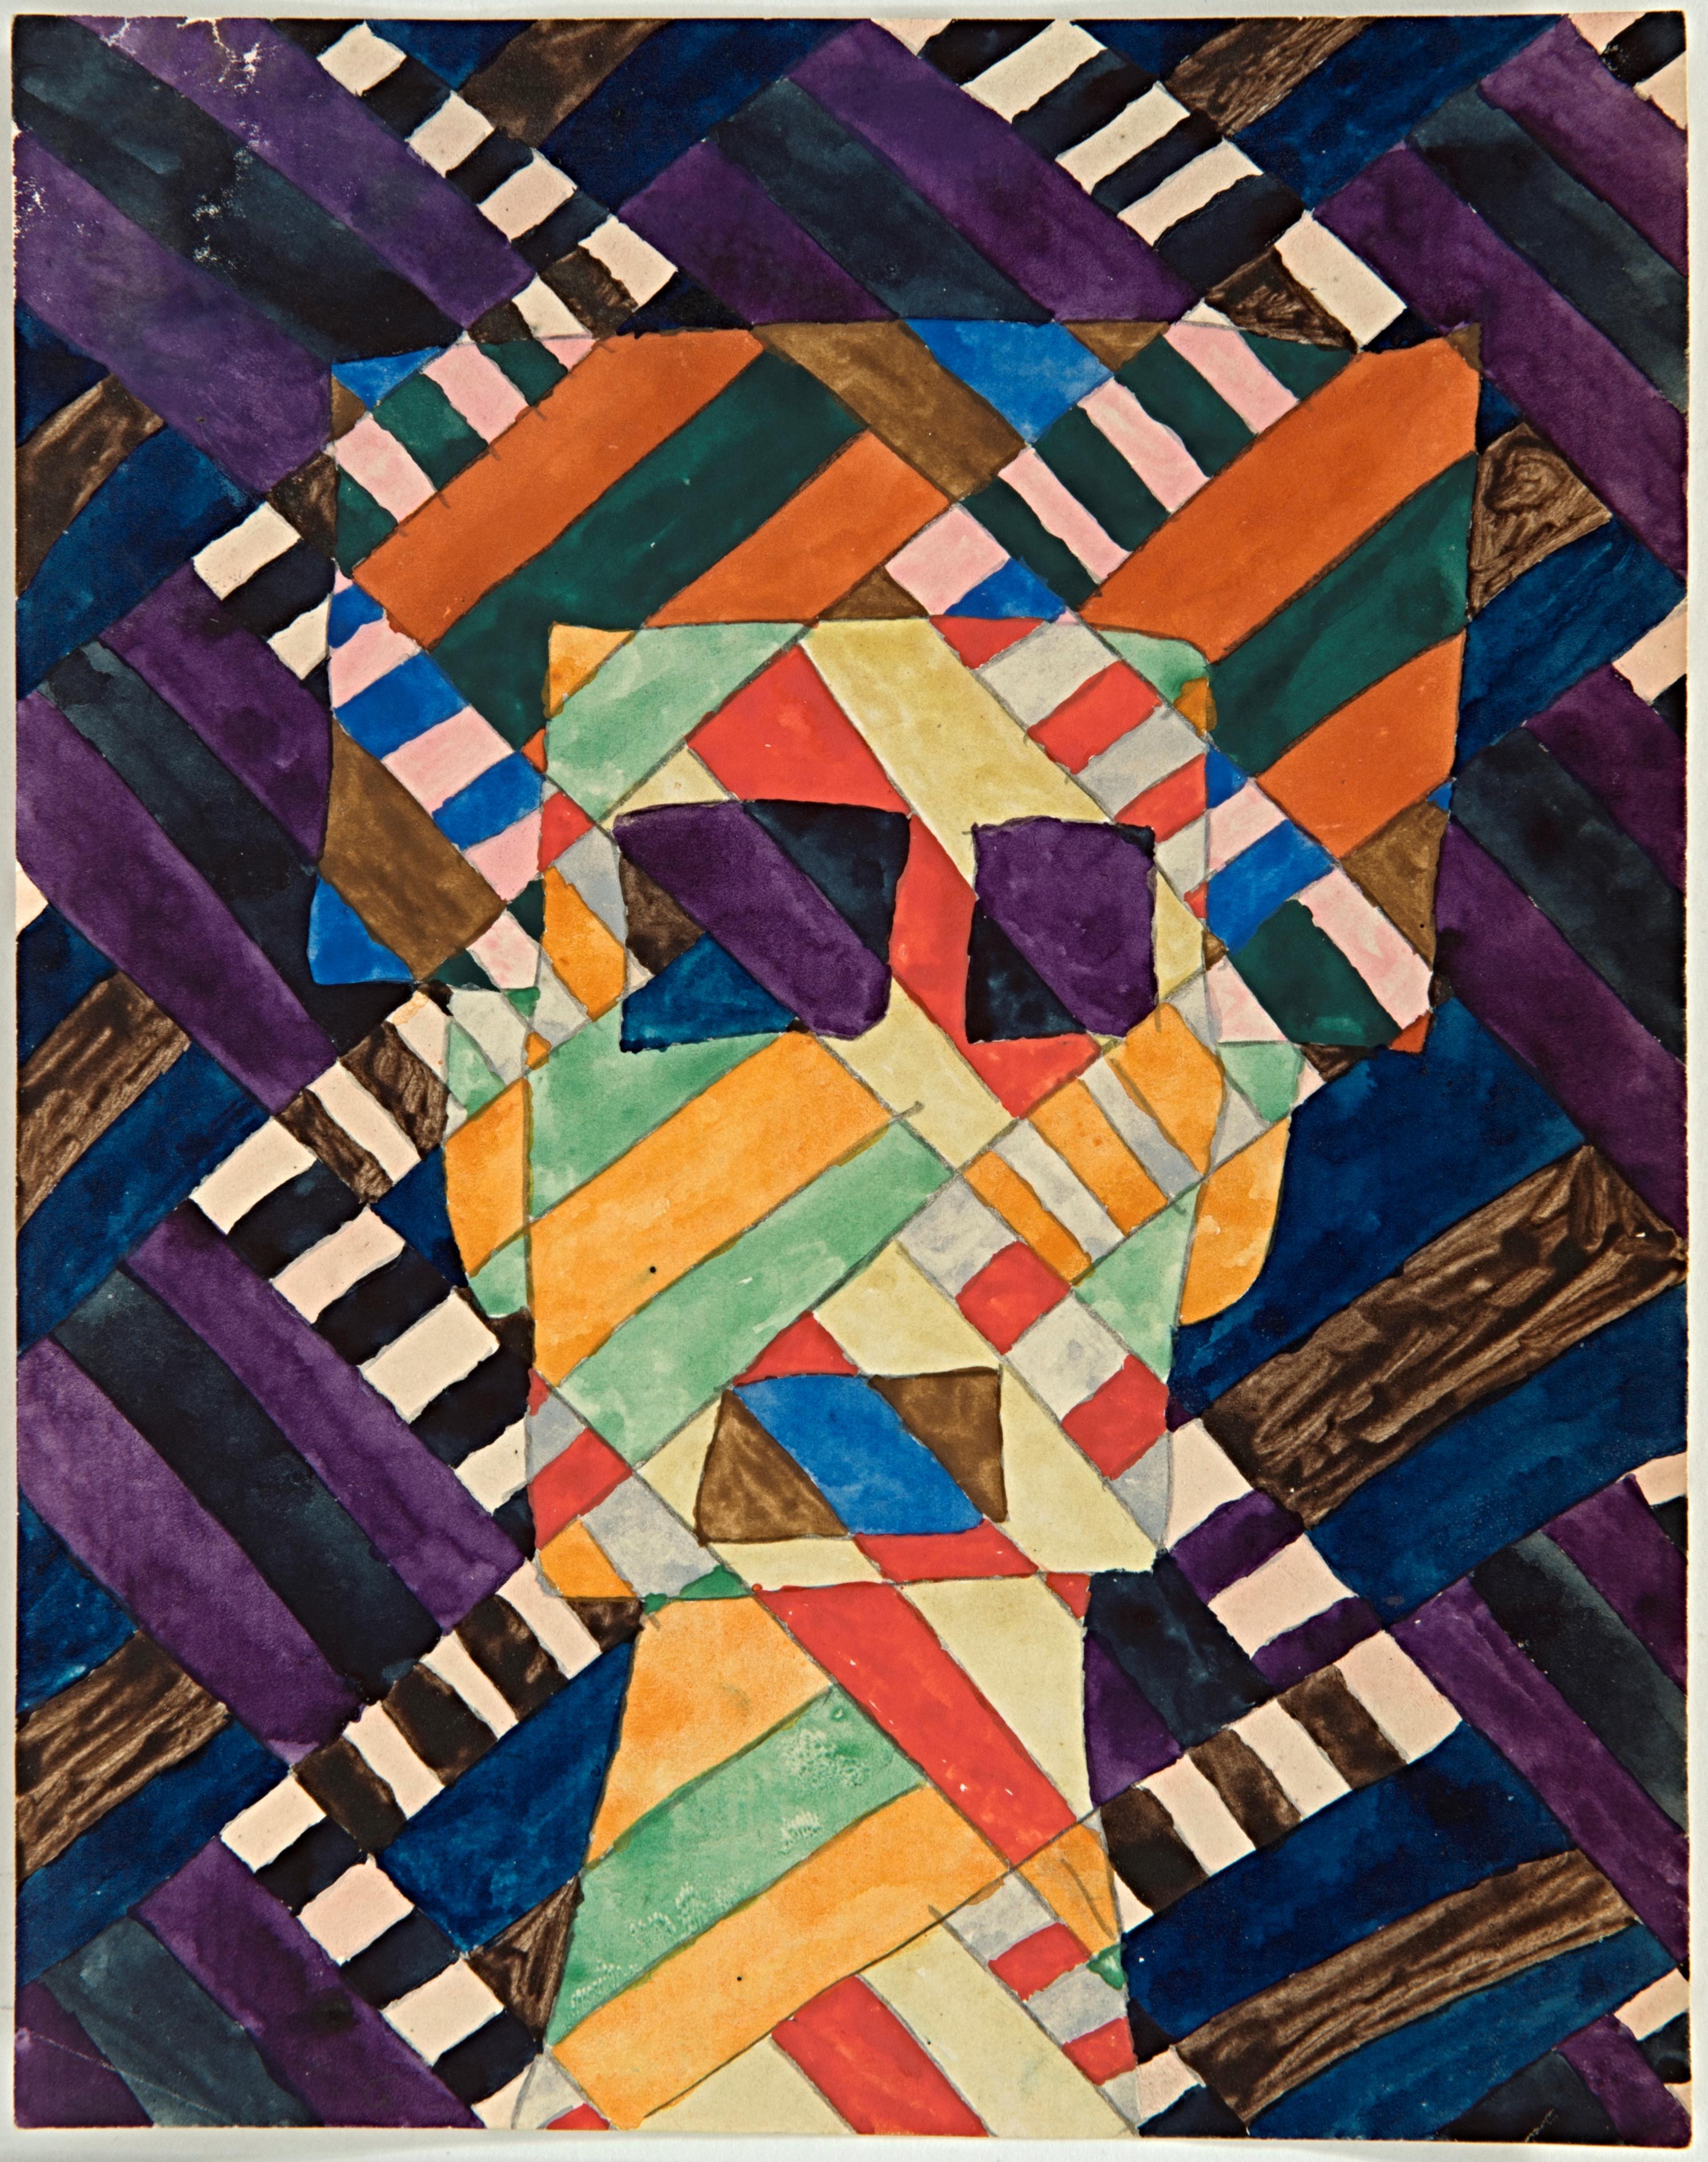 Paul Goesch, Kopf mit Farbteilung, um 1920, Berlinische Galerie, Urheberrechte am Werk erloschen, Repro: Kai-Annett Becker